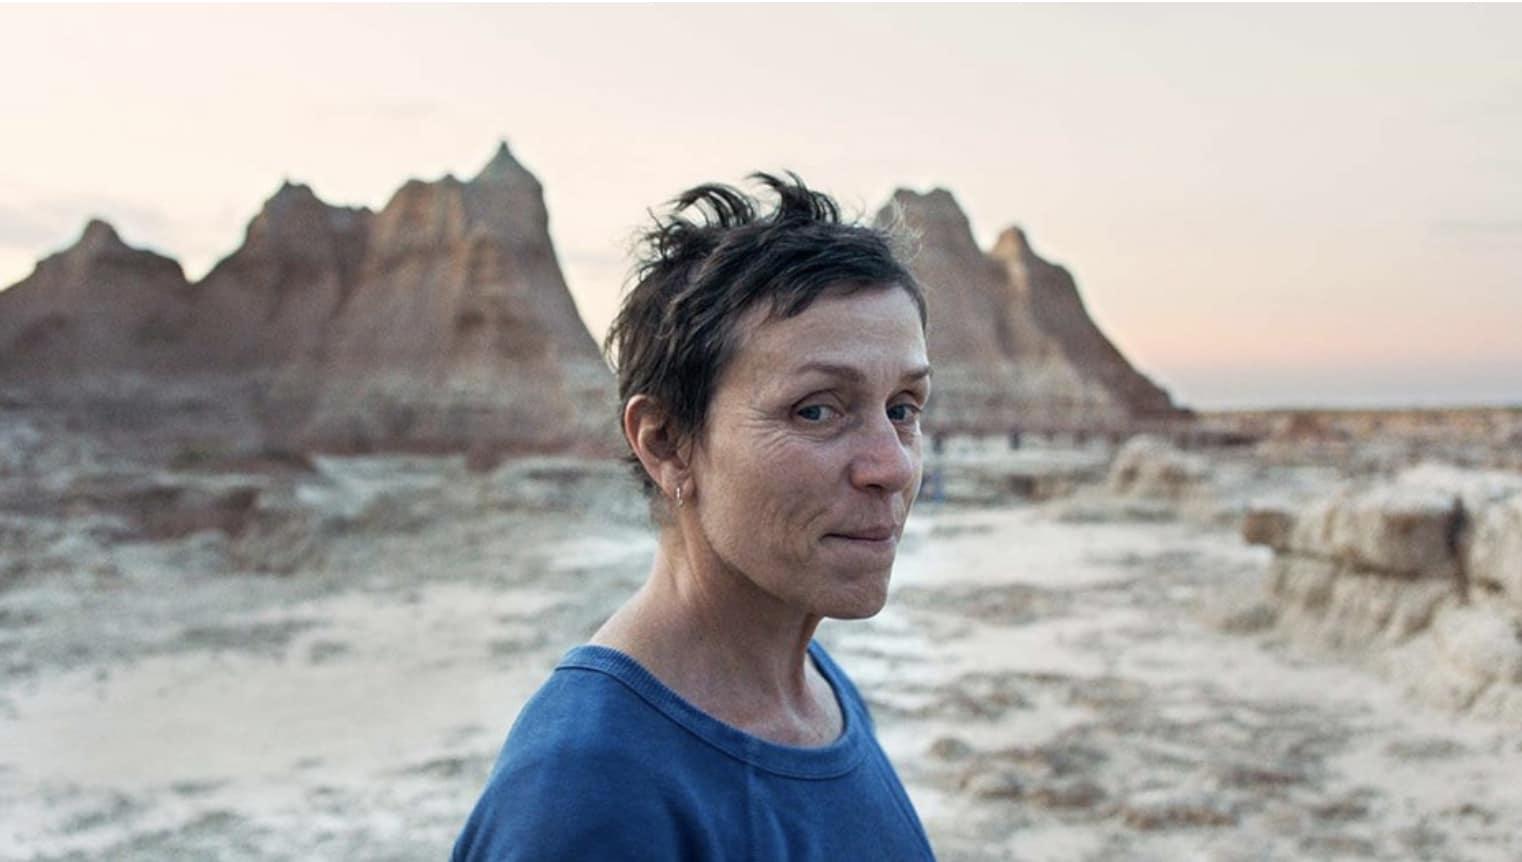 Frances McDormand in the Badlands in the film Nomadland